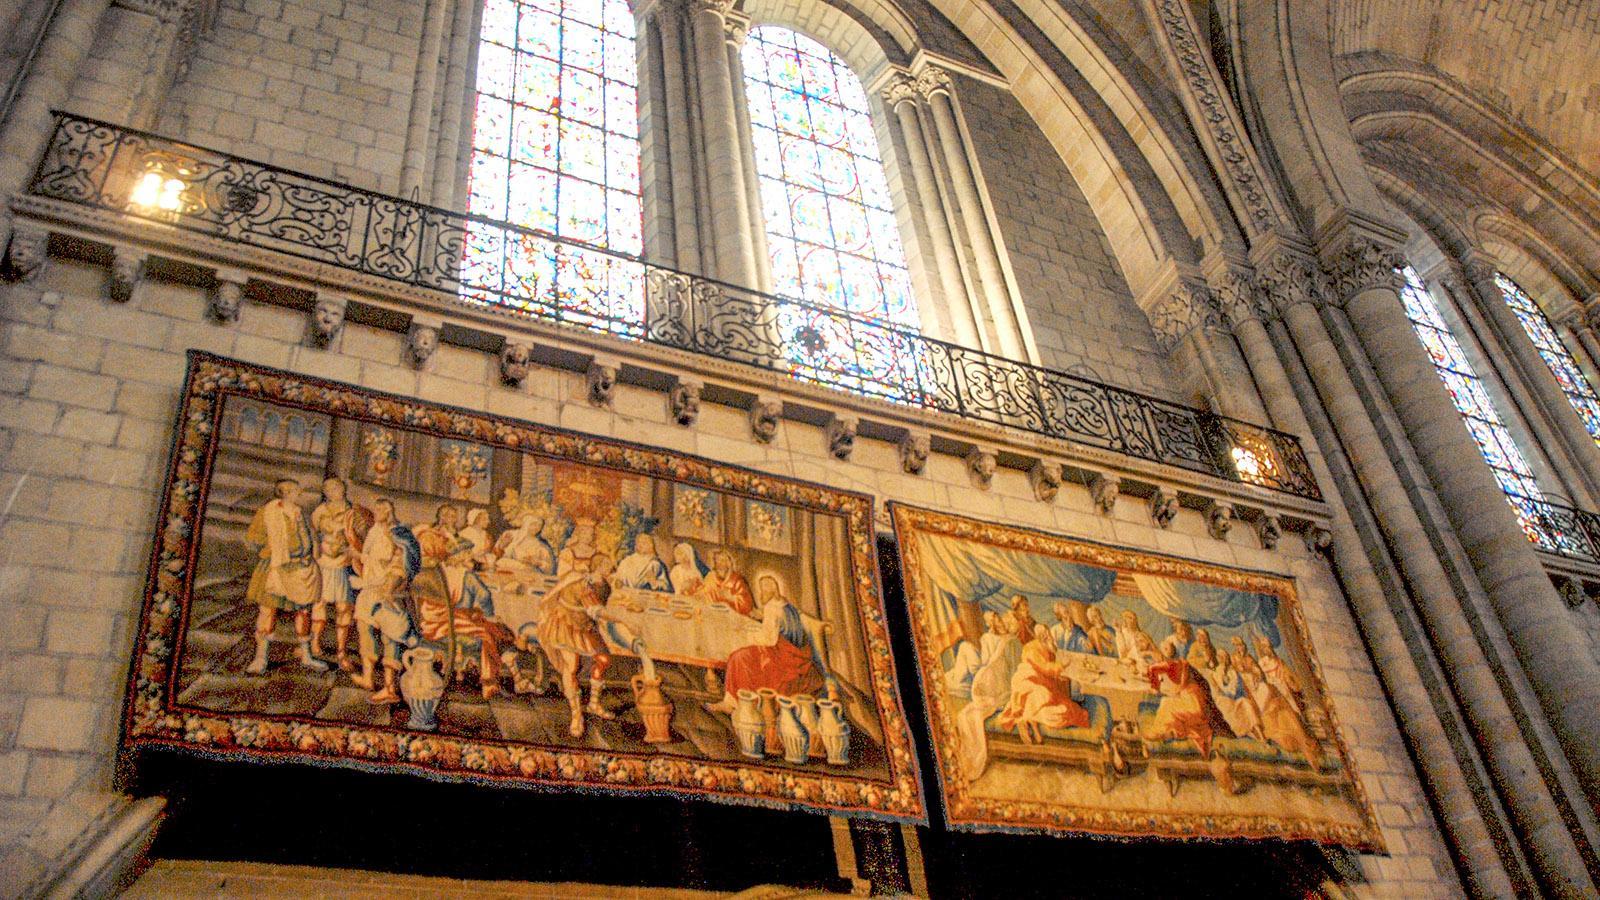 Angers: Wandteppiche schmücken die Cathédrale Saint-Maurice. Foto: Hilke Maunder